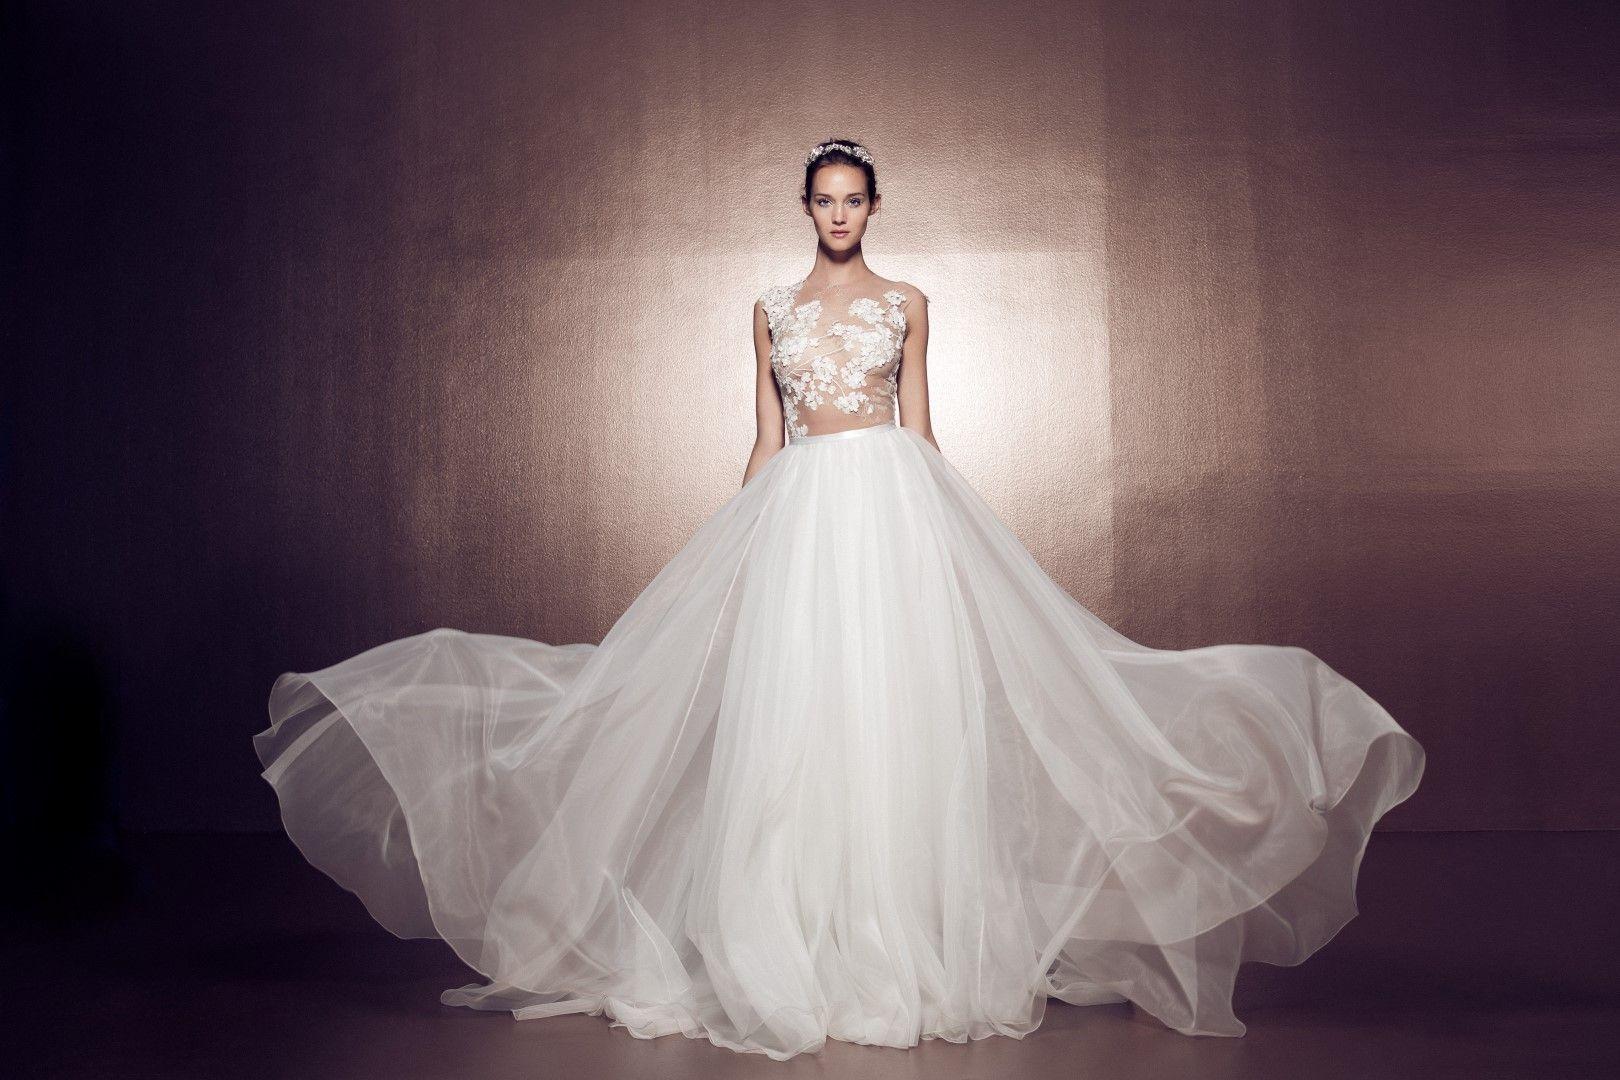 Ilyen lesz az esküvői ruha 2017-ben - 1. rész   Receptek, amiket ...